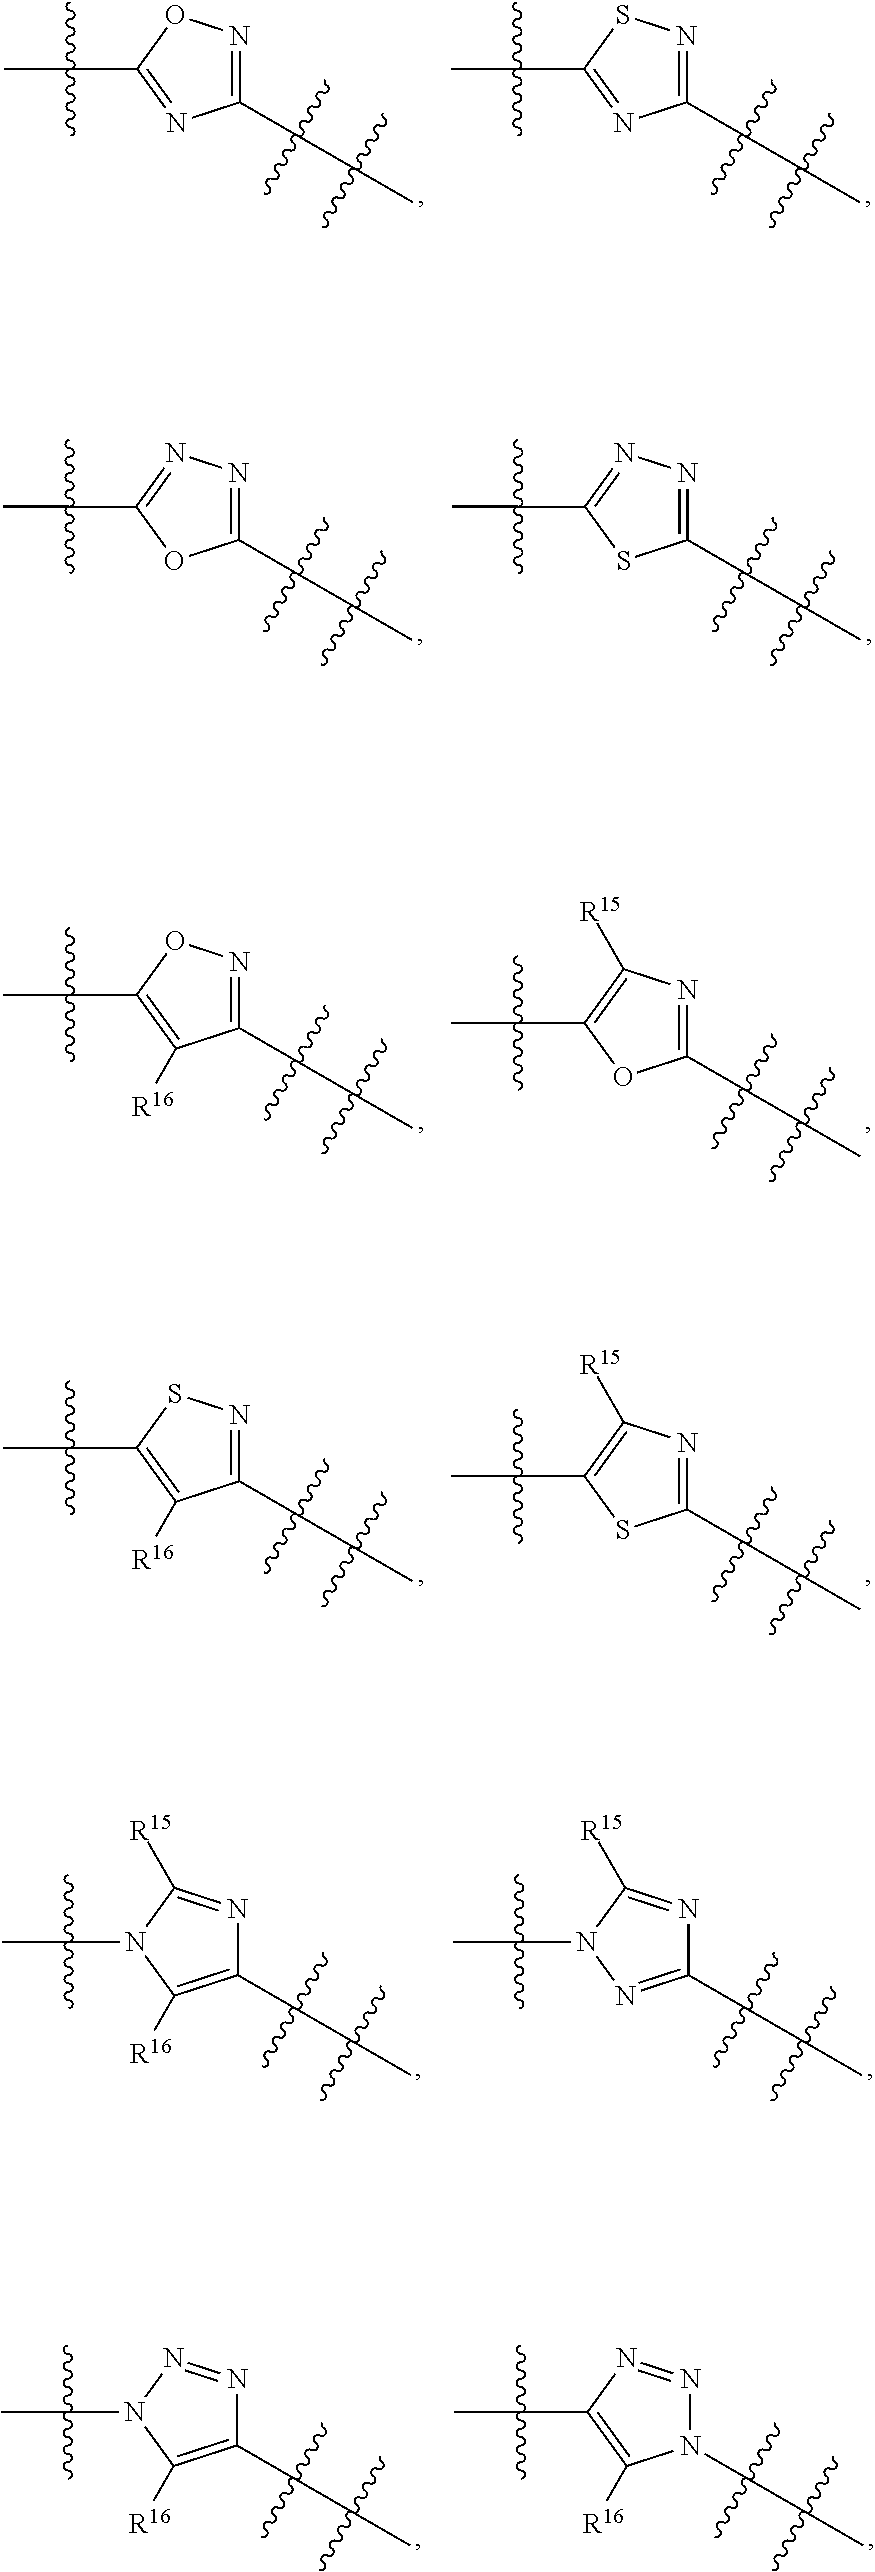 Figure US20110166174A1-20110707-C00015